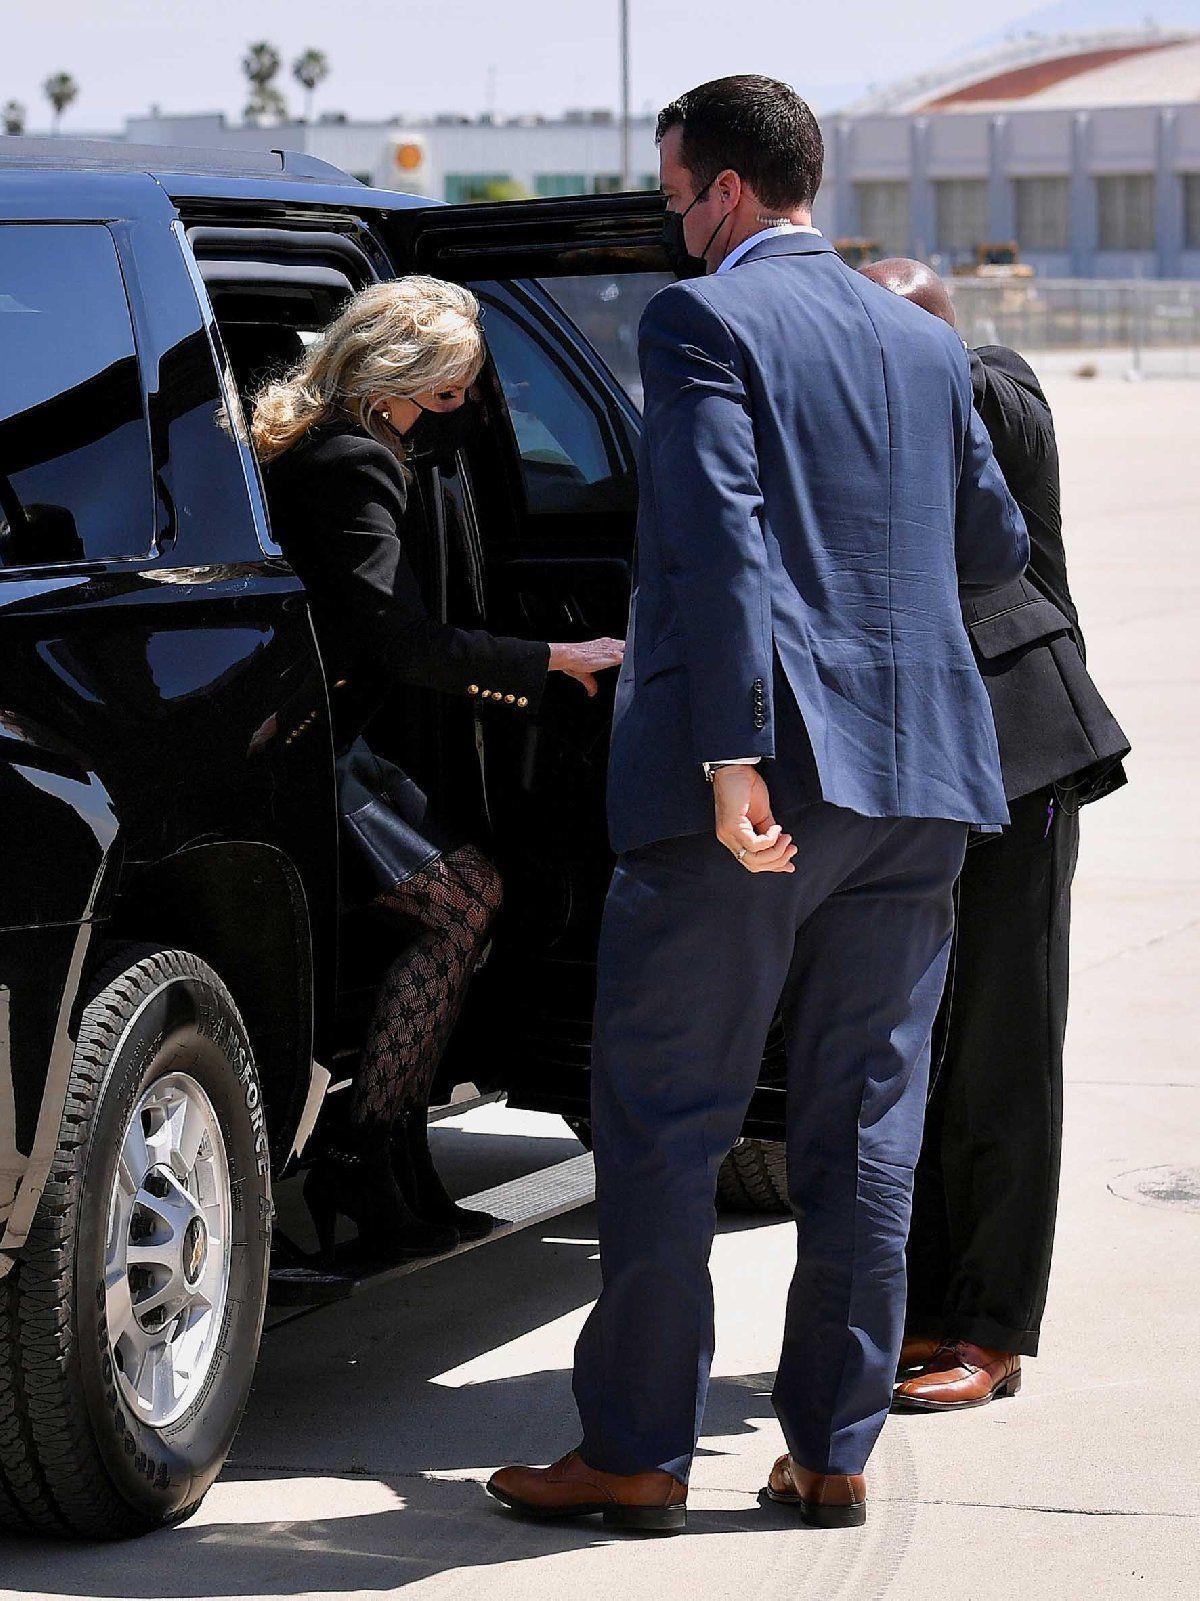 First Lady'nin kıyafeti tartışma konusu oldu! ABD'yi böldü! - Sayfa 4